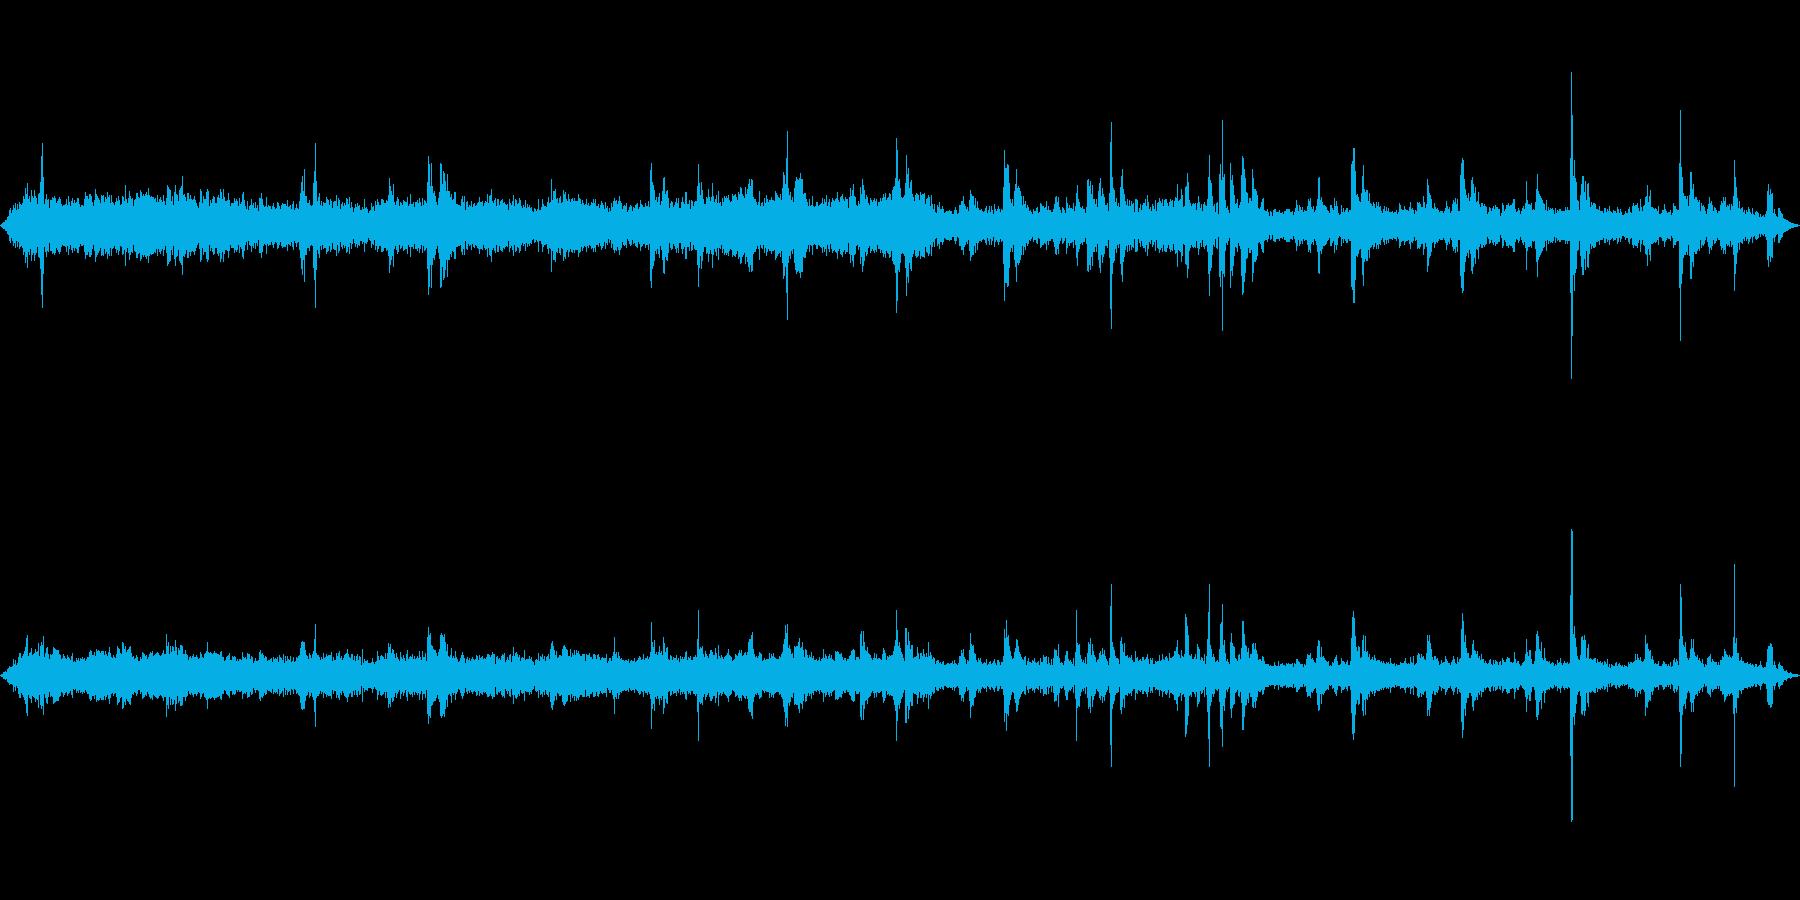 古い電車 車内 ガタンゴトン モーター音の再生済みの波形